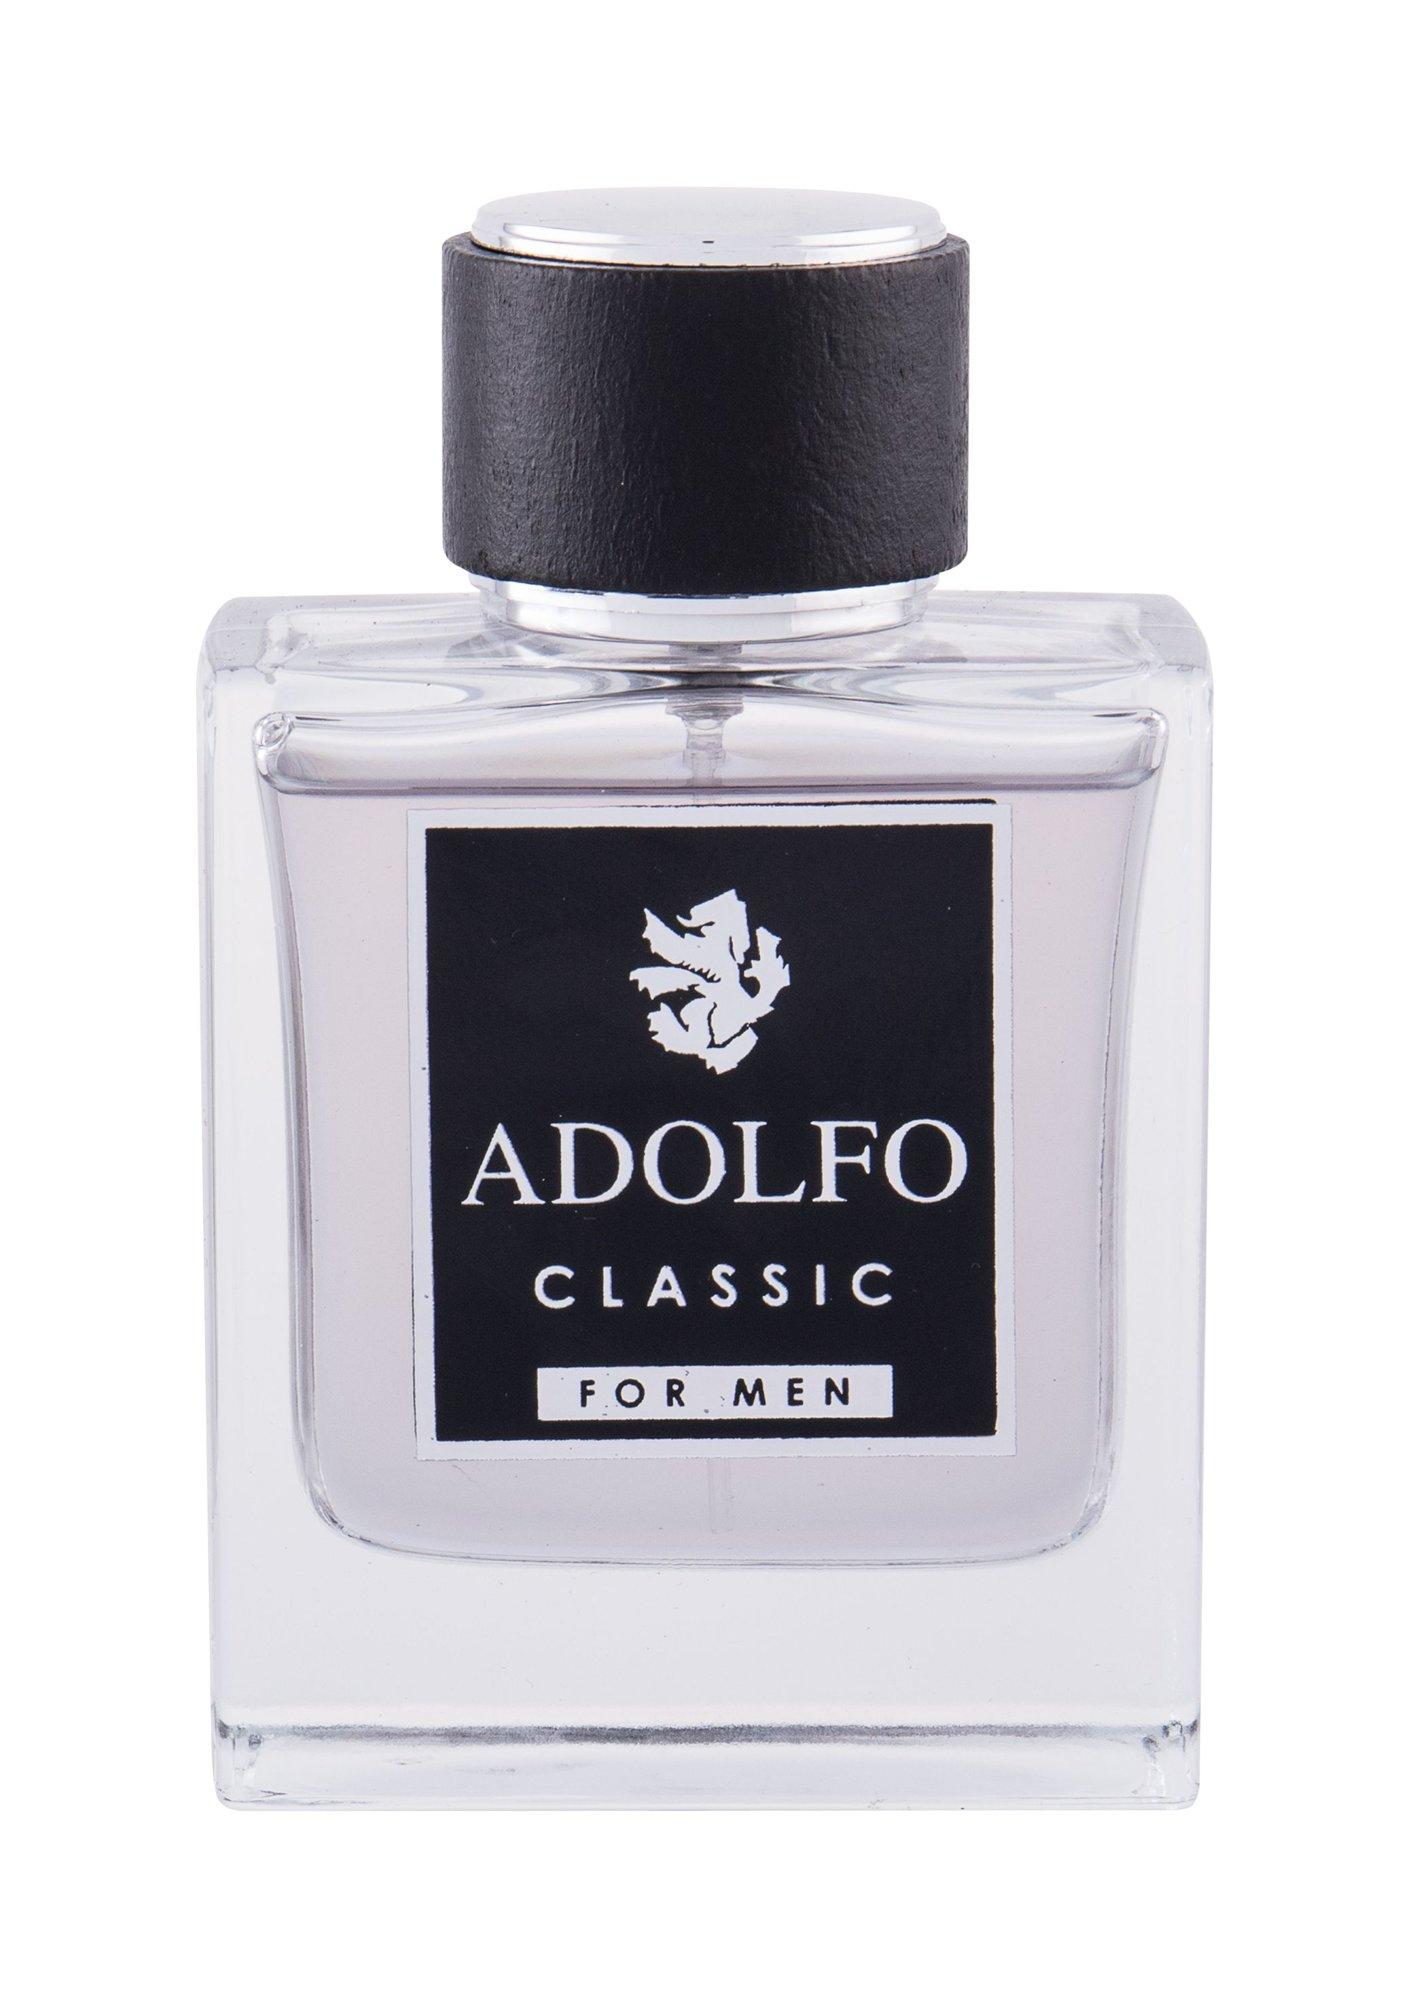 Adolfo Classic Eau de Toilette 100ml